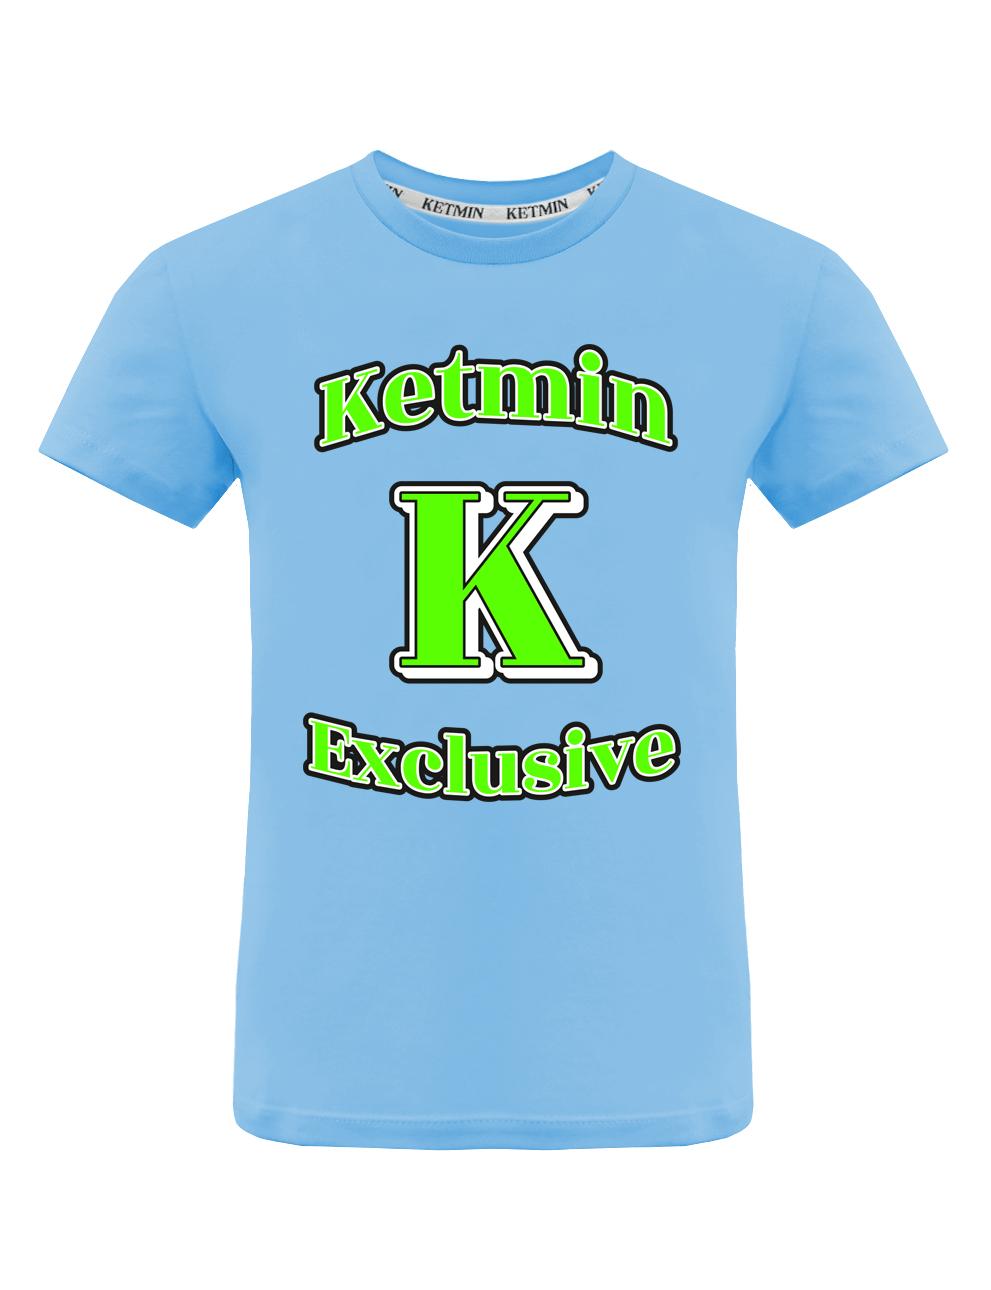 Детская футболка KETMIN Exclusive цв.Голубой